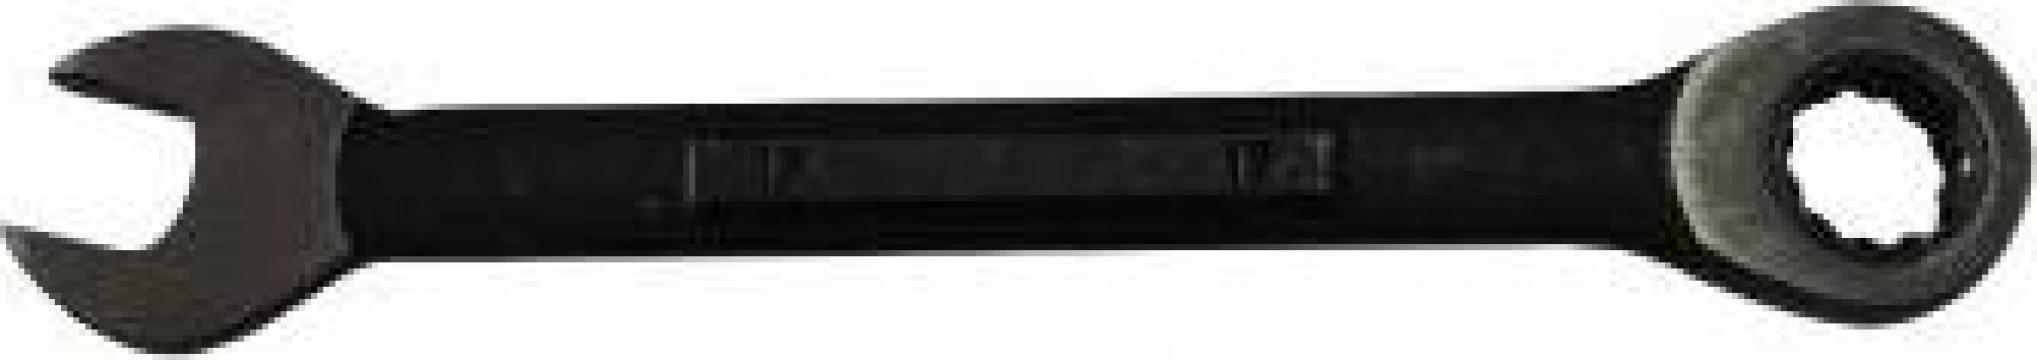 Cheie combinata inelara cu clichet 12mm Smann Tools de la Zimber Tools